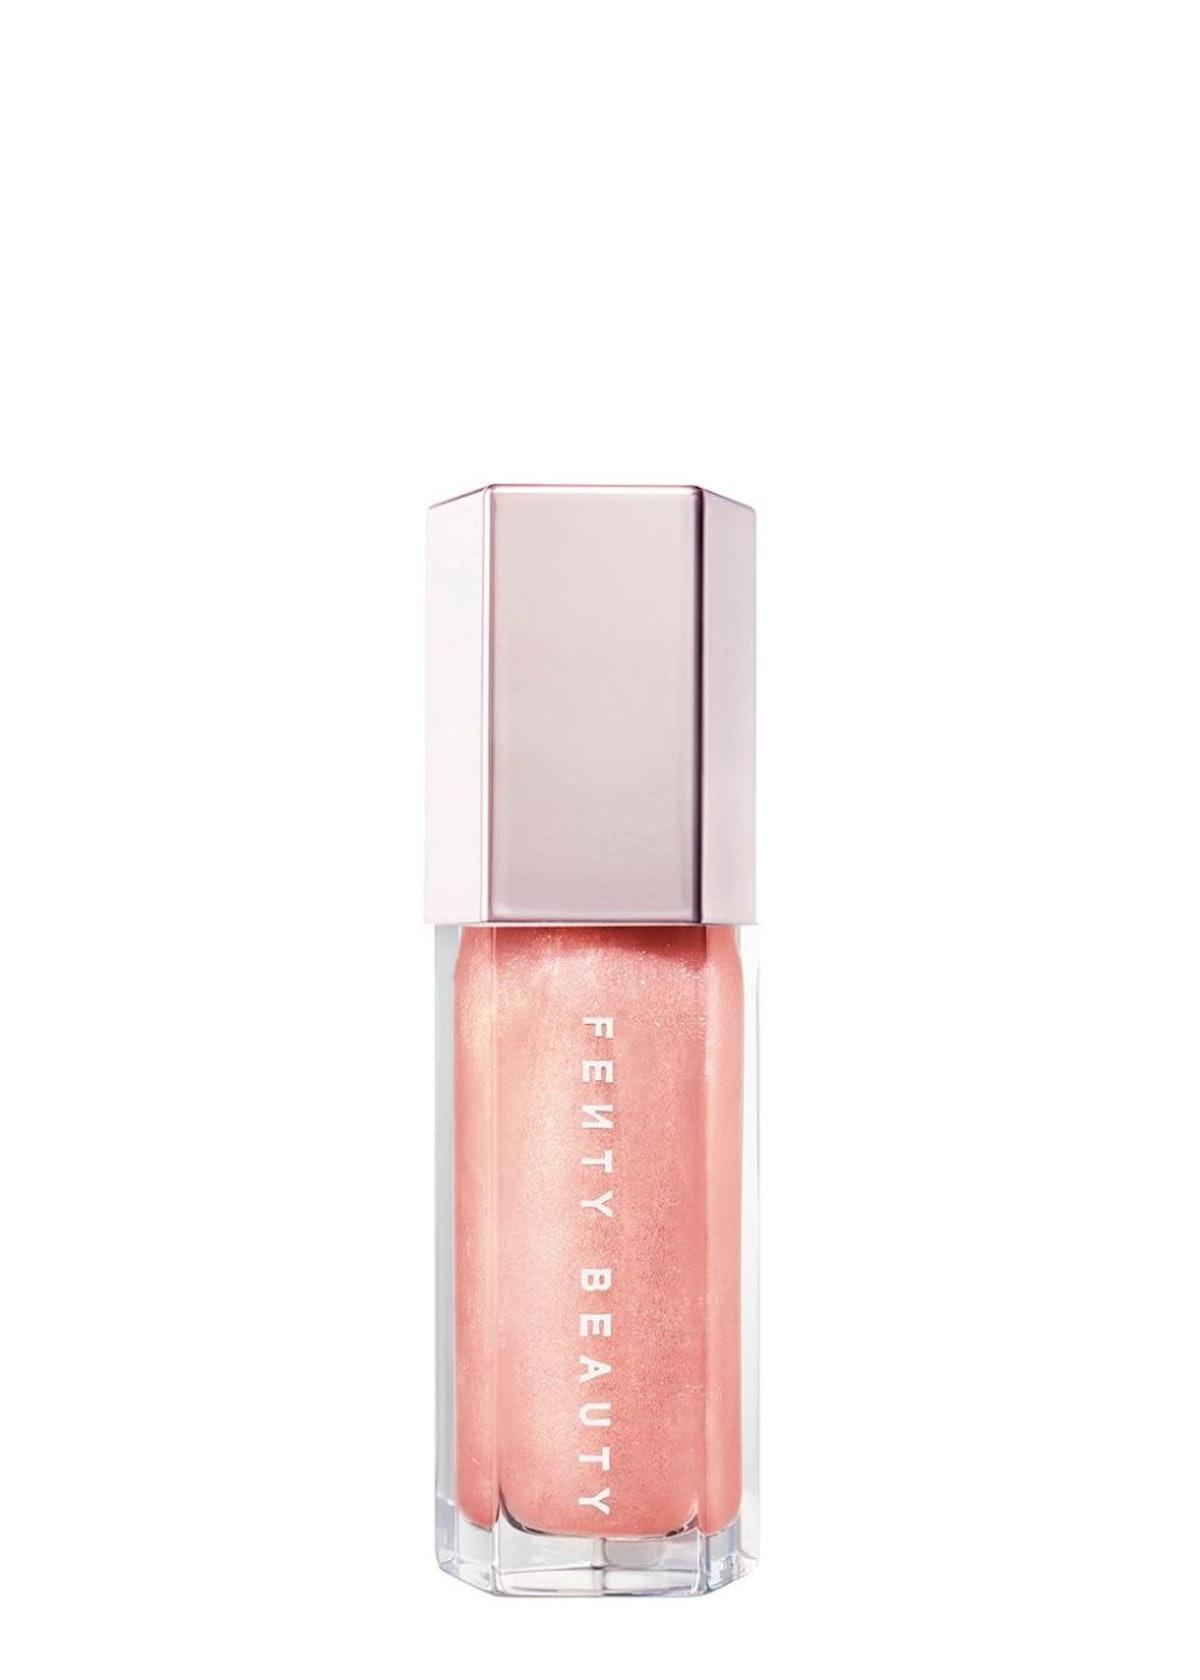 Gloss Bomb Universal Lip Luminizer - Sweet Mouth